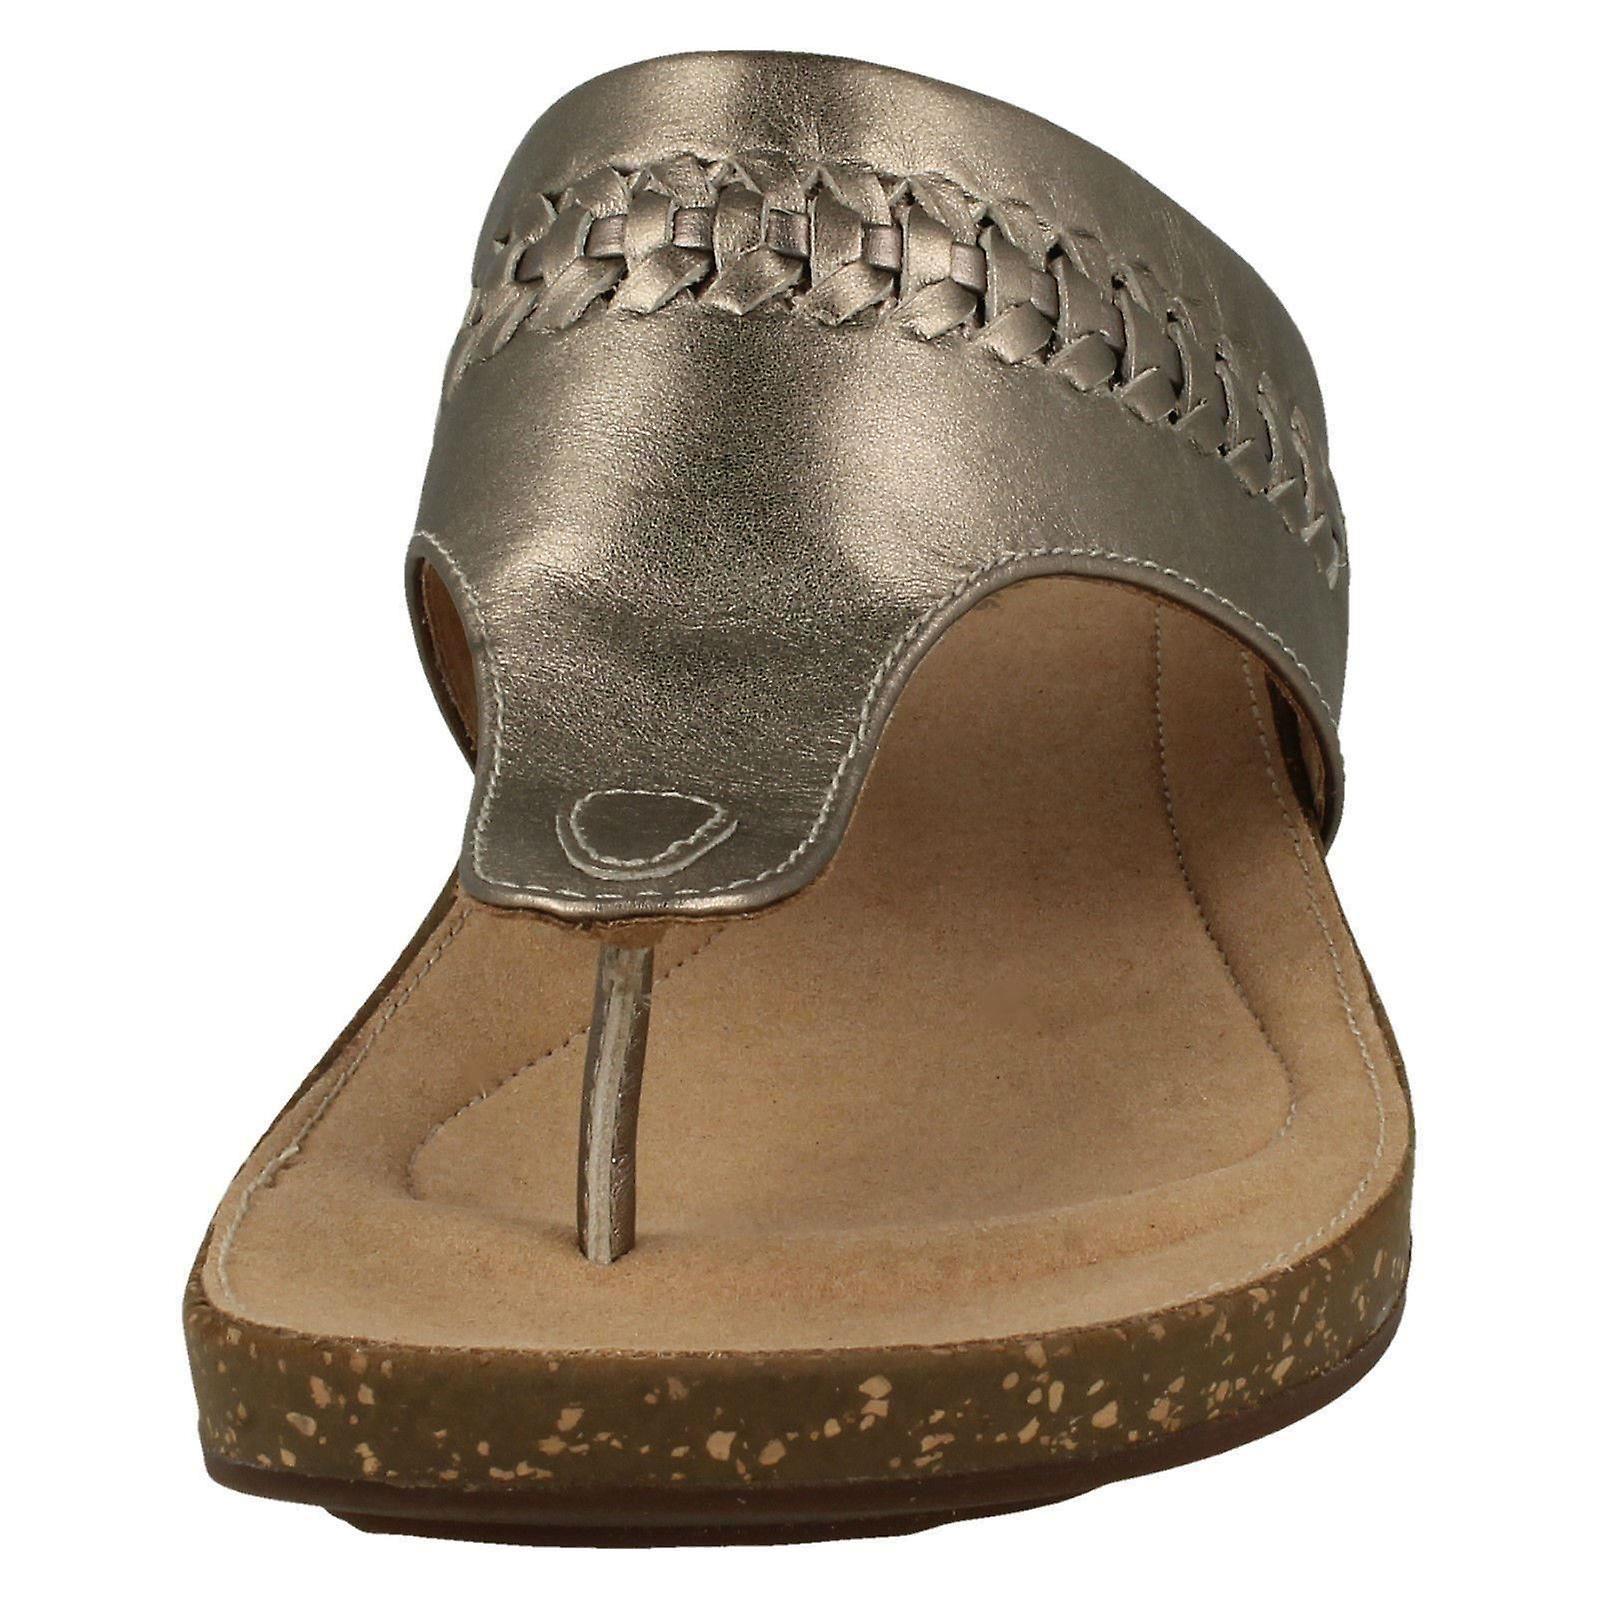 Damer Ustrukturert Av Clarks Tå Innlegg Sandaler Un Perri Vibe